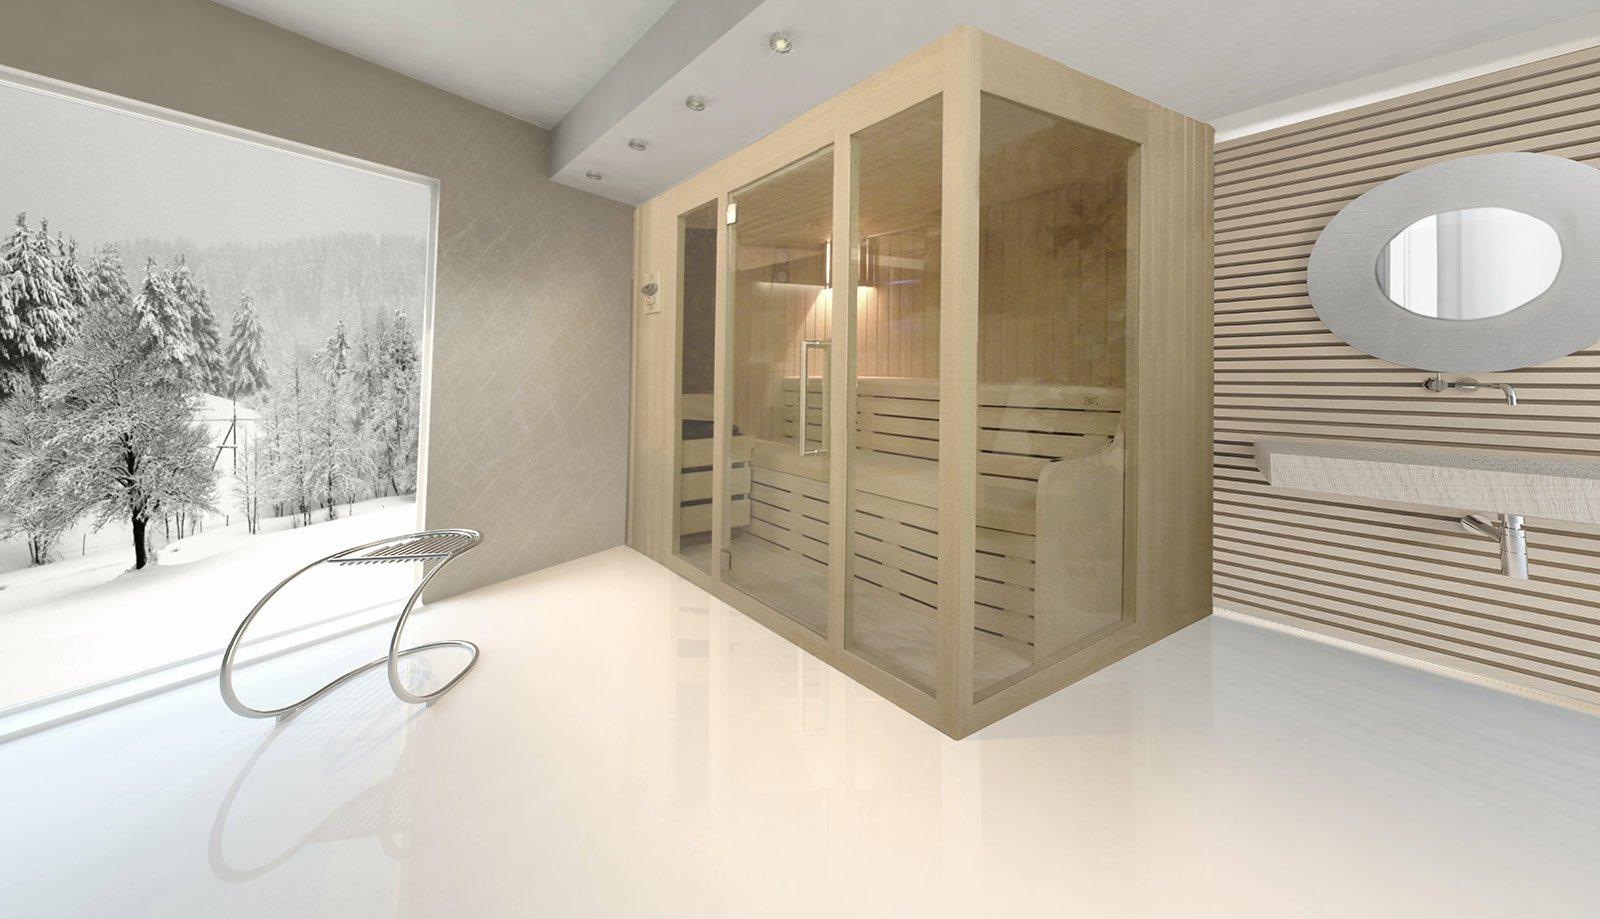 Awesome la sauna finlandese luxorystar di emoplast saune ha struttura in legno ricoperto da - Bagno turco fai da te ...